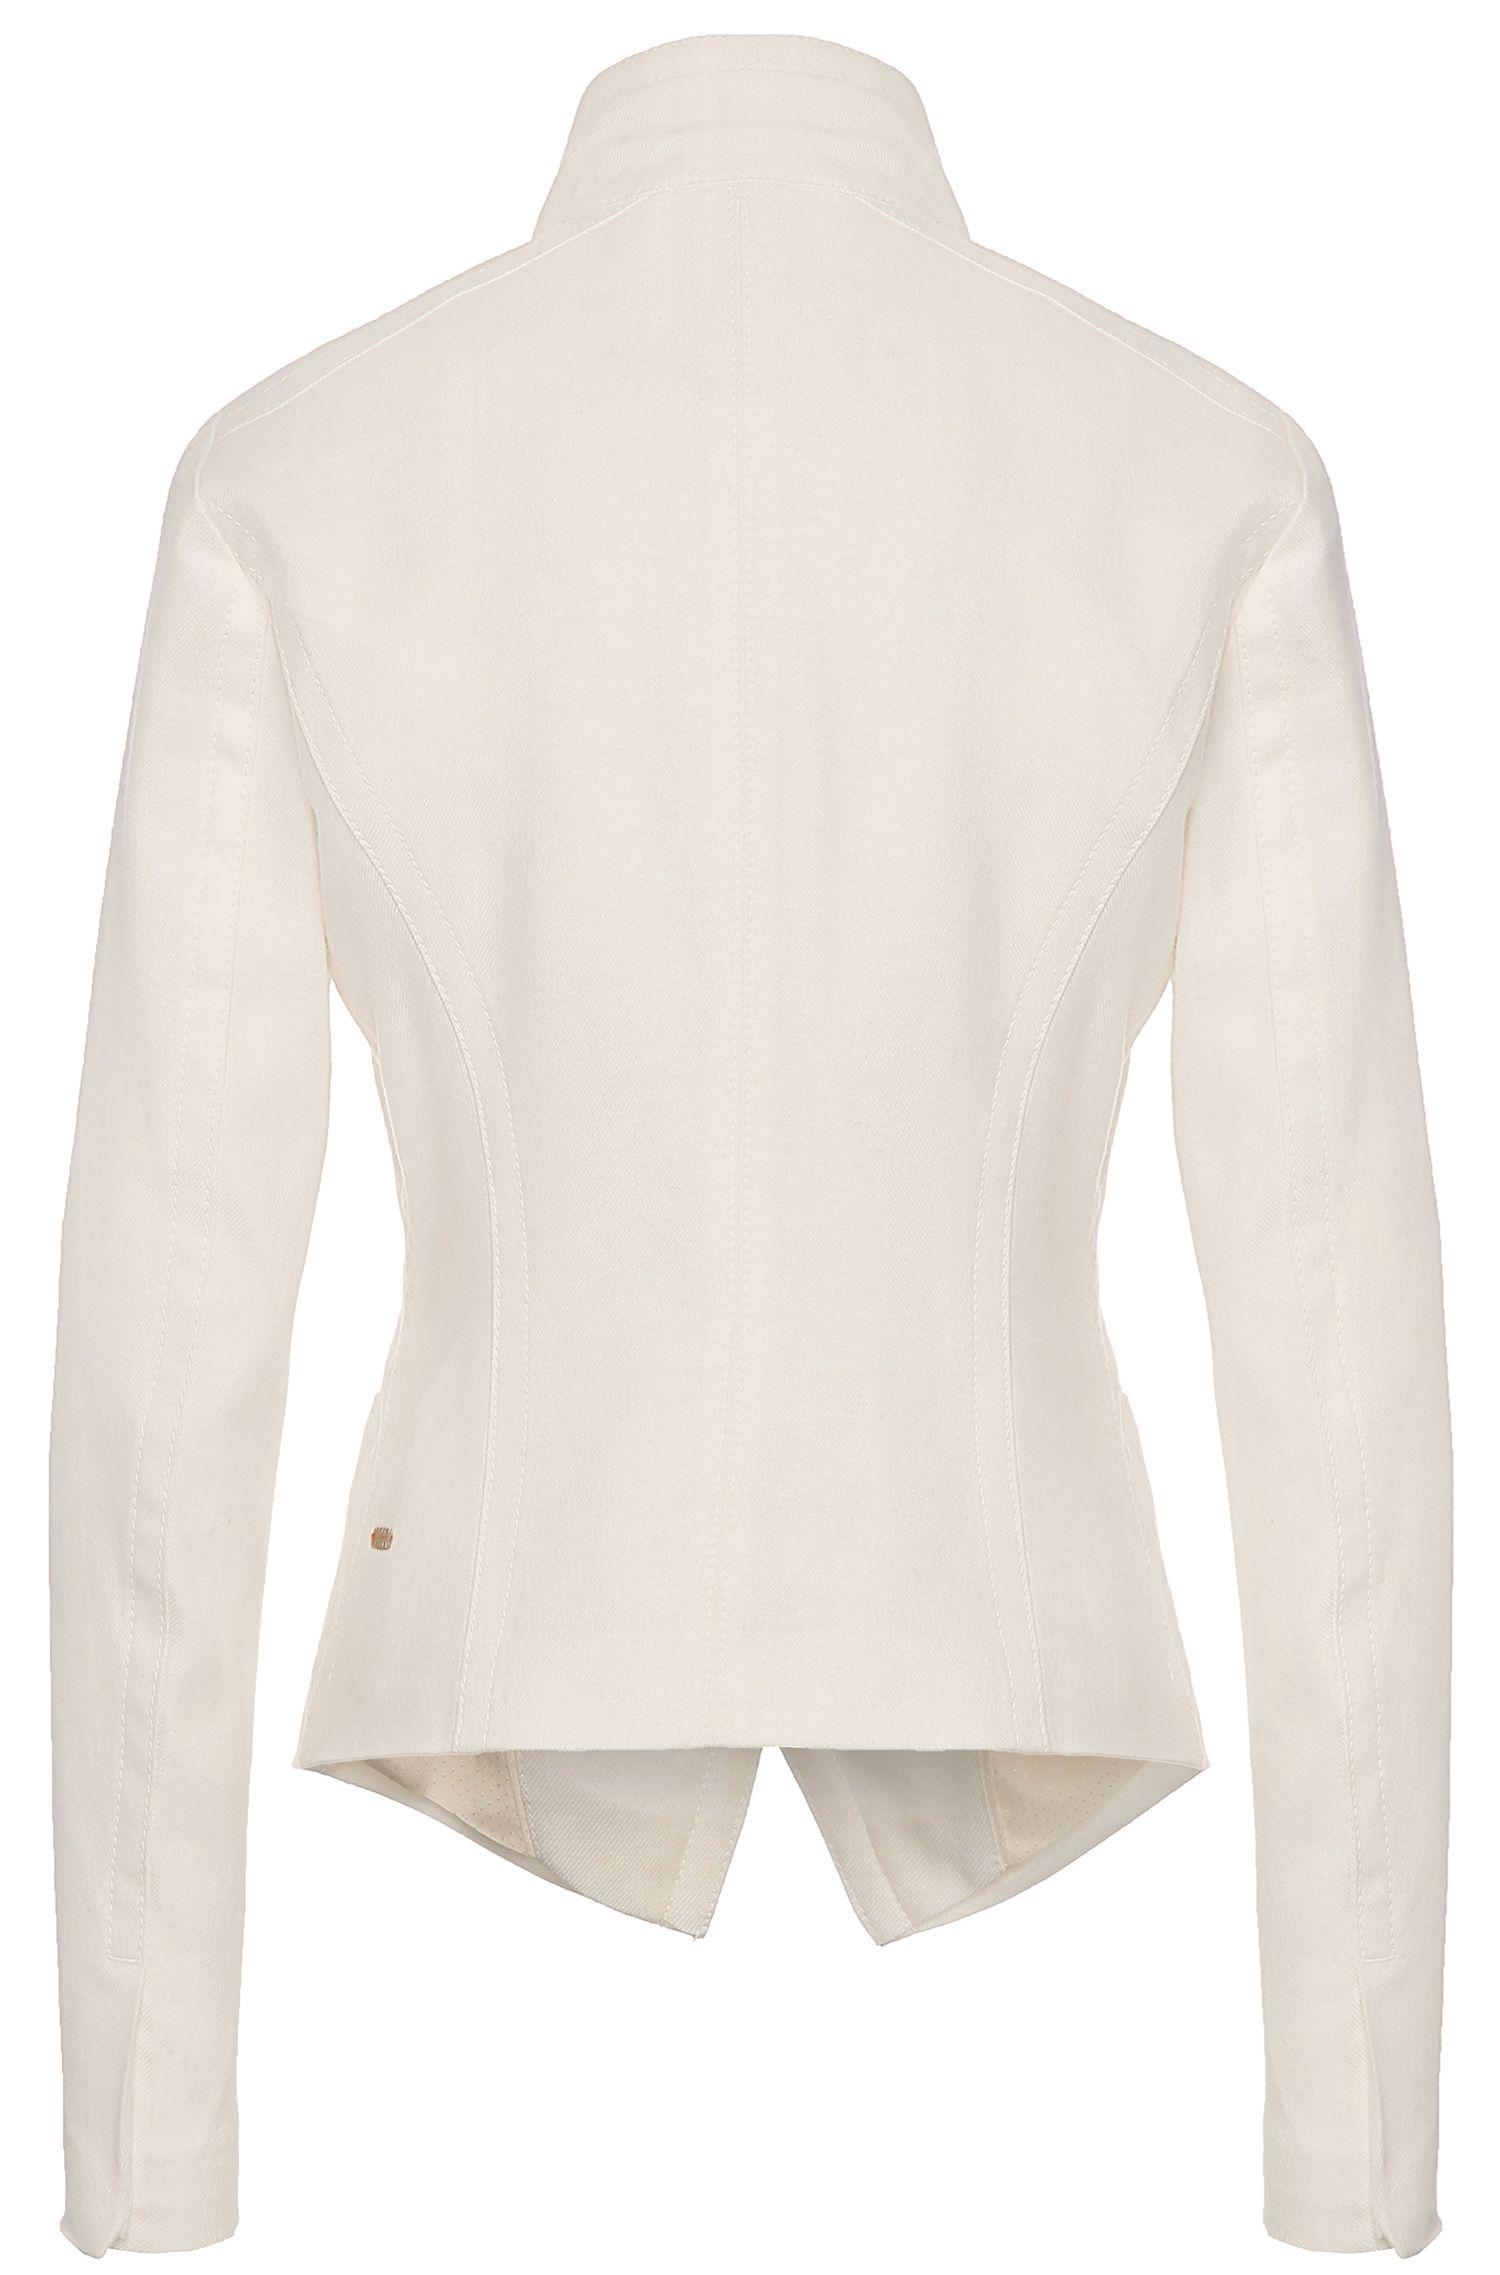 Veste courte en coton mélangé à de la laine vierge, finition denim: «Owoolia»